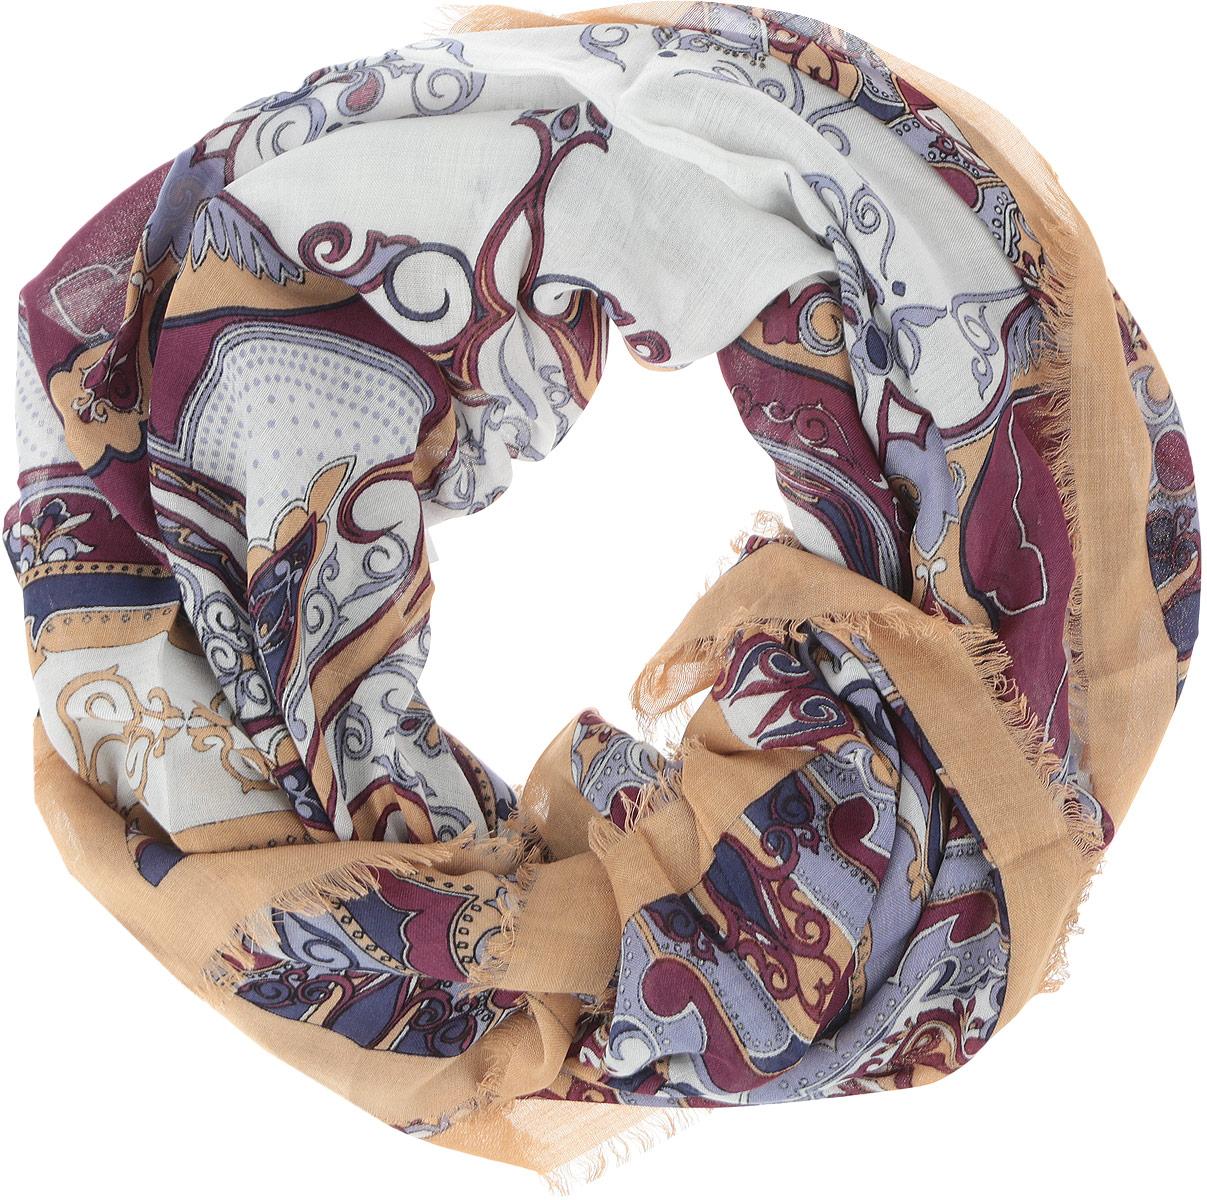 DS2015-004-11Стильный женский платок Fabretti станет великолепным завершением любого наряда. Платок изготовлен из высококачественного модала с добавлением вискозы, оформлен сложным растительным орнаментом и украшен тонкой бахромой по краям. Классическая квадратная форма позволяет носить платок на шее, украшать им прическу или декорировать сумочку. Мягкий и шелковистый платок поможет вам создать изысканный женственный образ, а также согреет в непогоду. Такой платок превосходно дополнит любой наряд и подчеркнет ваш неповторимый вкус и элегантность.